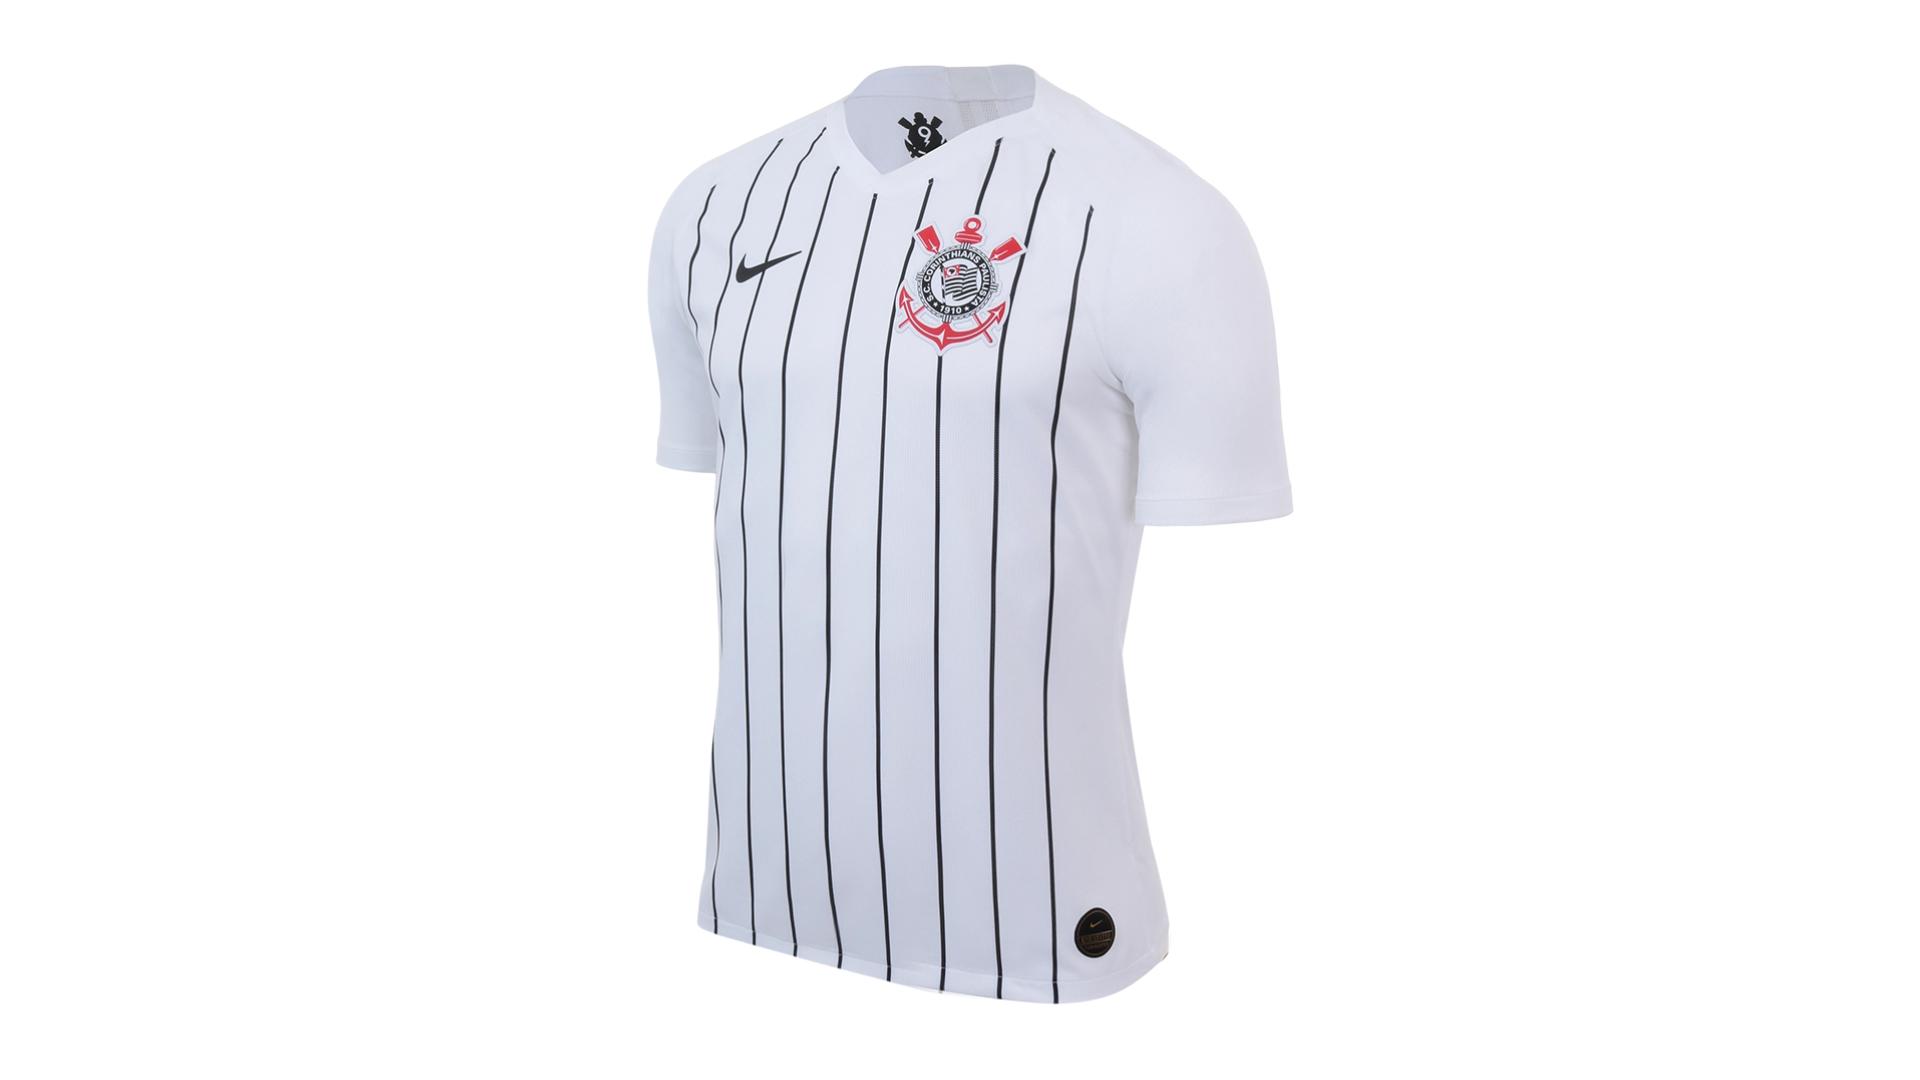 Camisa do Corinthians 2019 Nike Jogo 1 (Imagem: Divulgação/Nike)